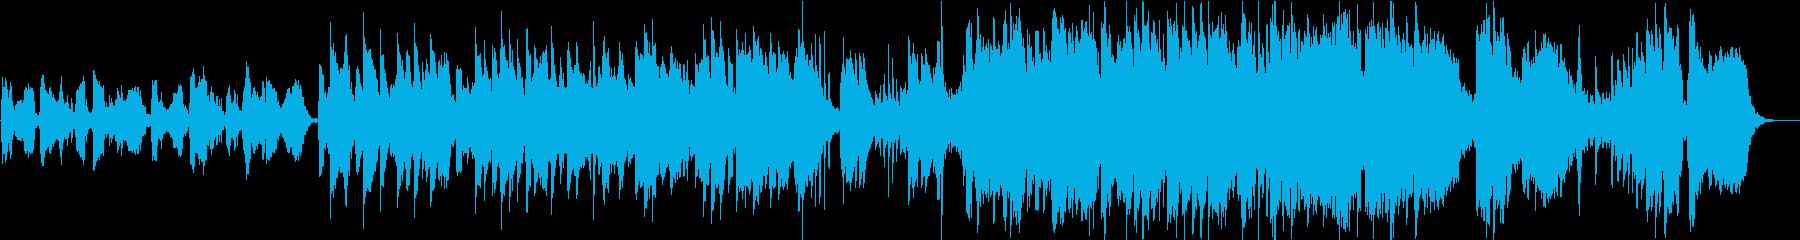 尺八による抒情的な日本音楽 Mix-Bの再生済みの波形